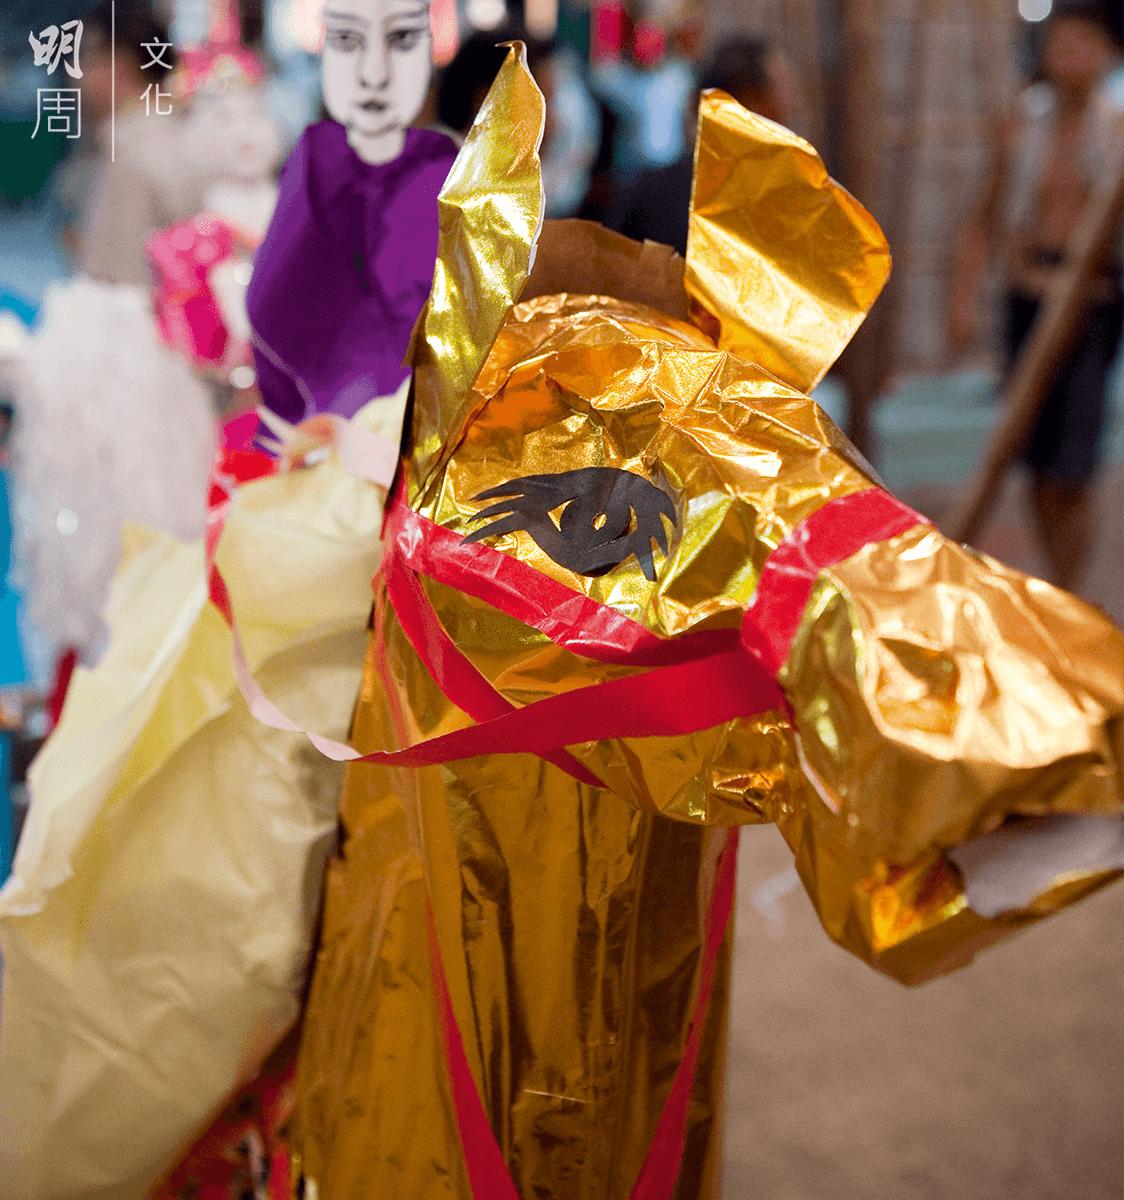 金色馬:經壇所有法事儀式完結後化此馬, 象徵數日法事功德圓滿。經生說, 亦有求福之意。